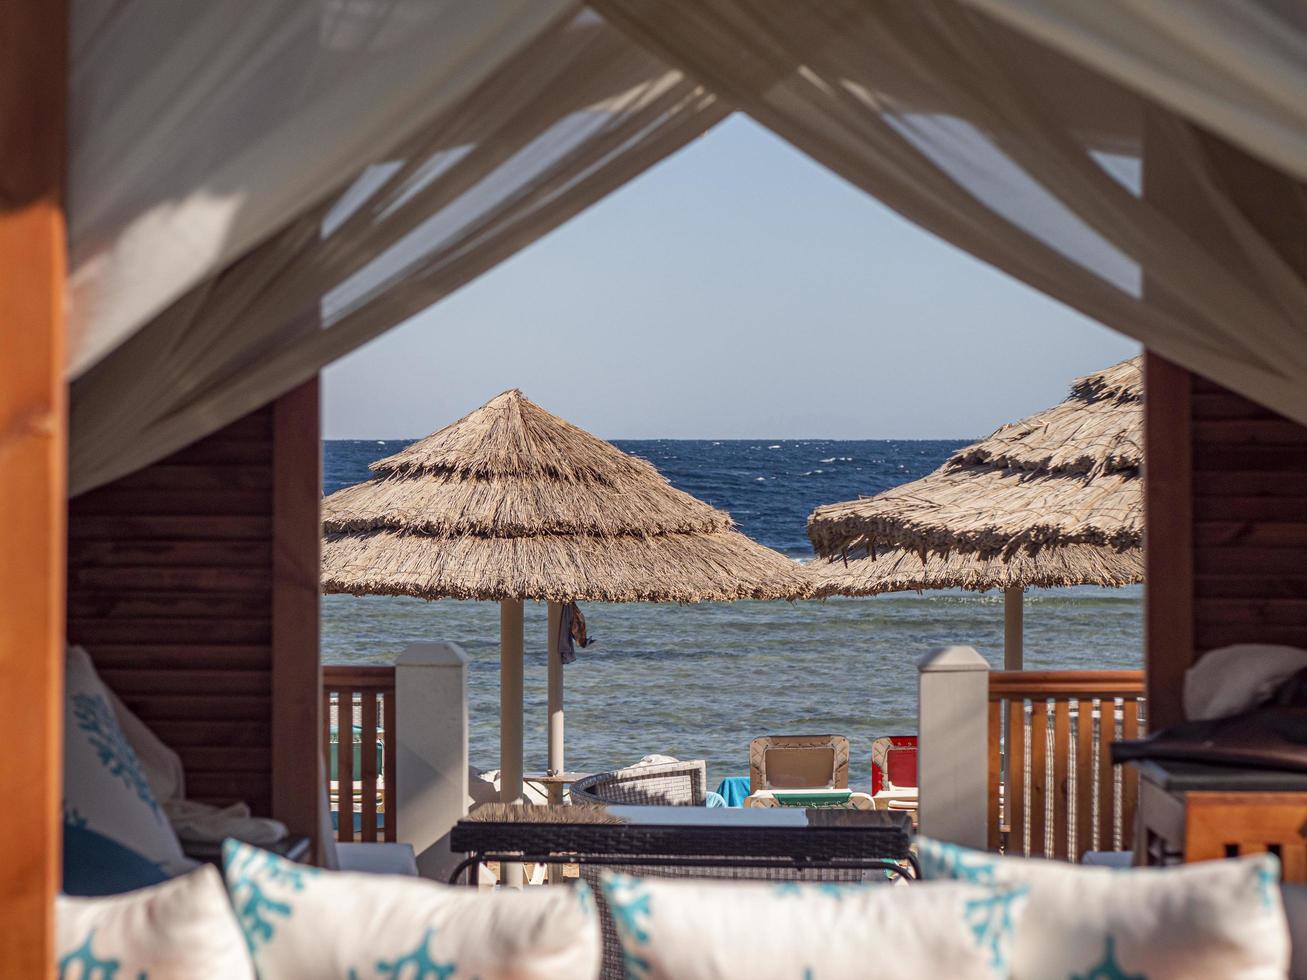 strandvakantie hut aan de oceaan foto